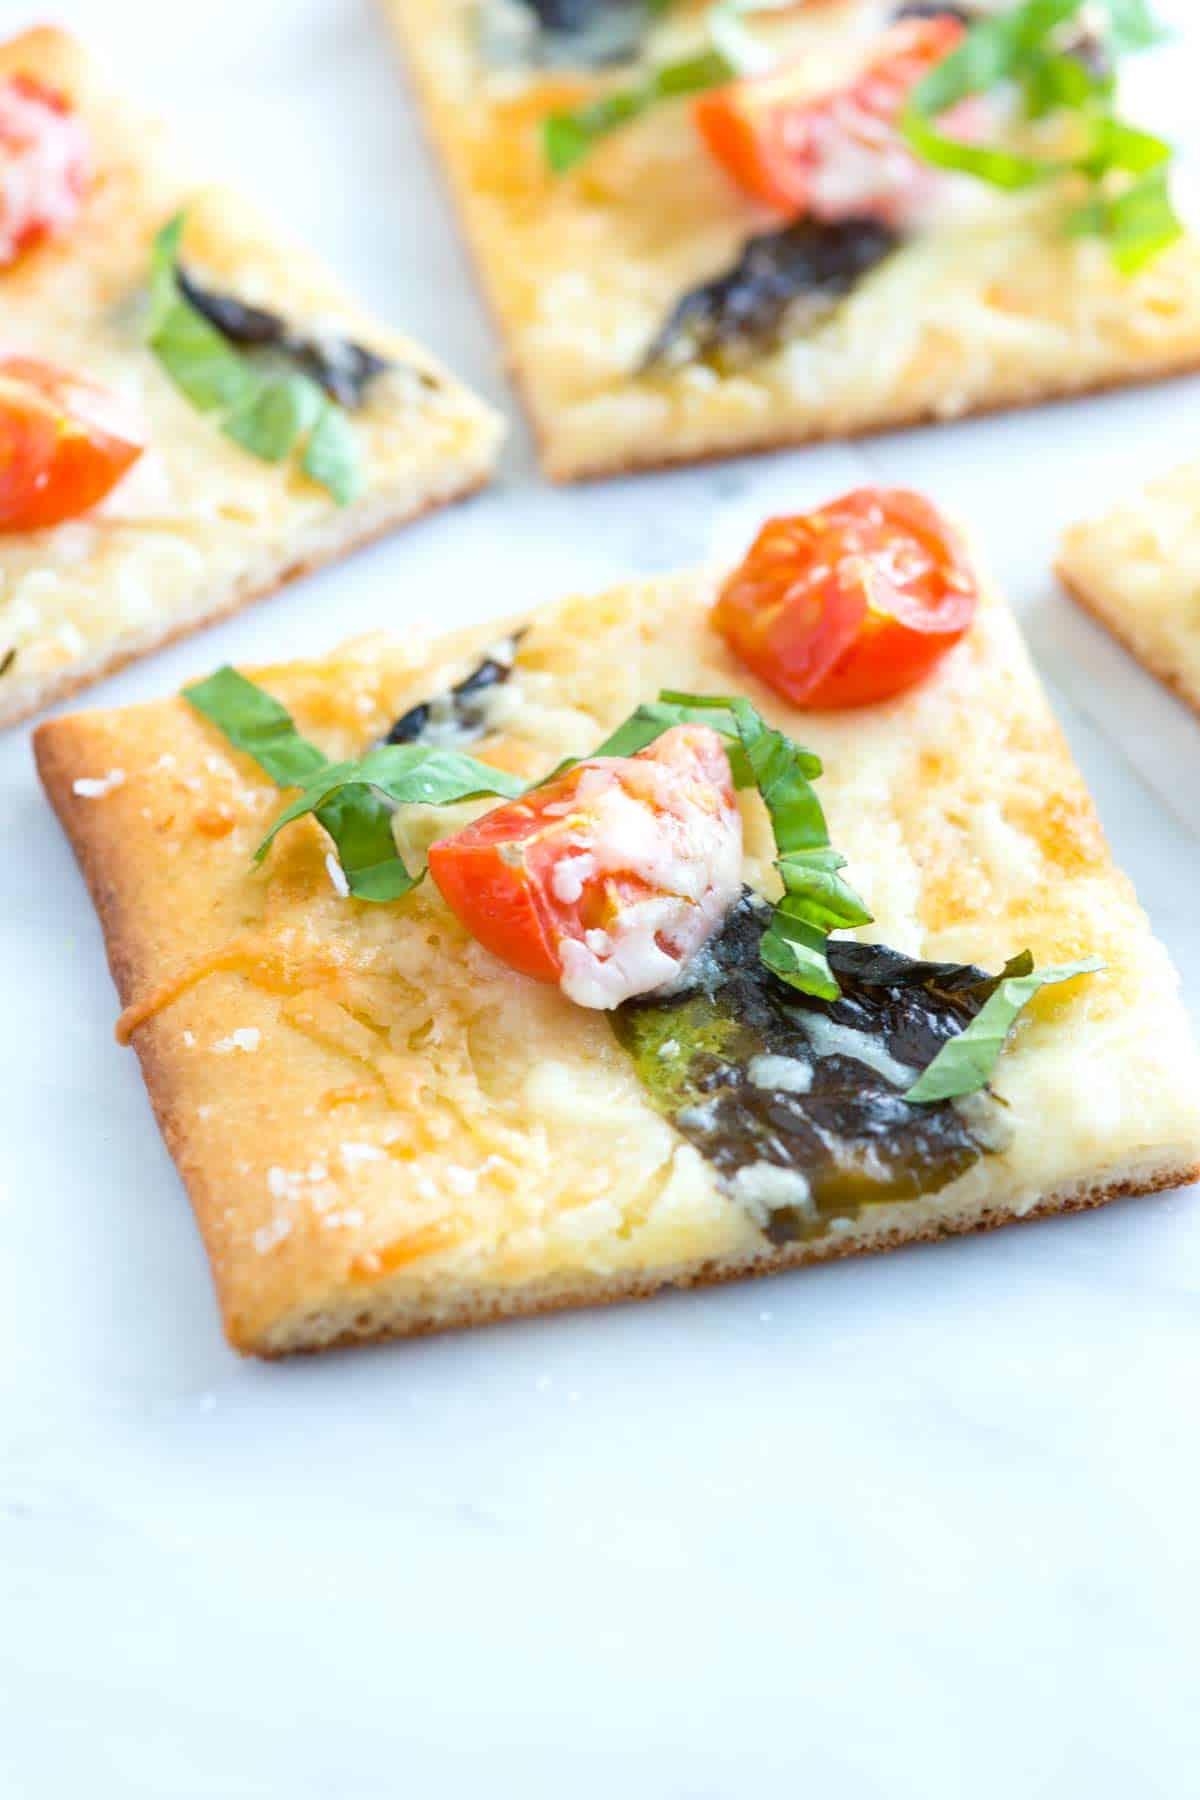 Quick Tomato Basil Pizza Recipe with Sea Salt